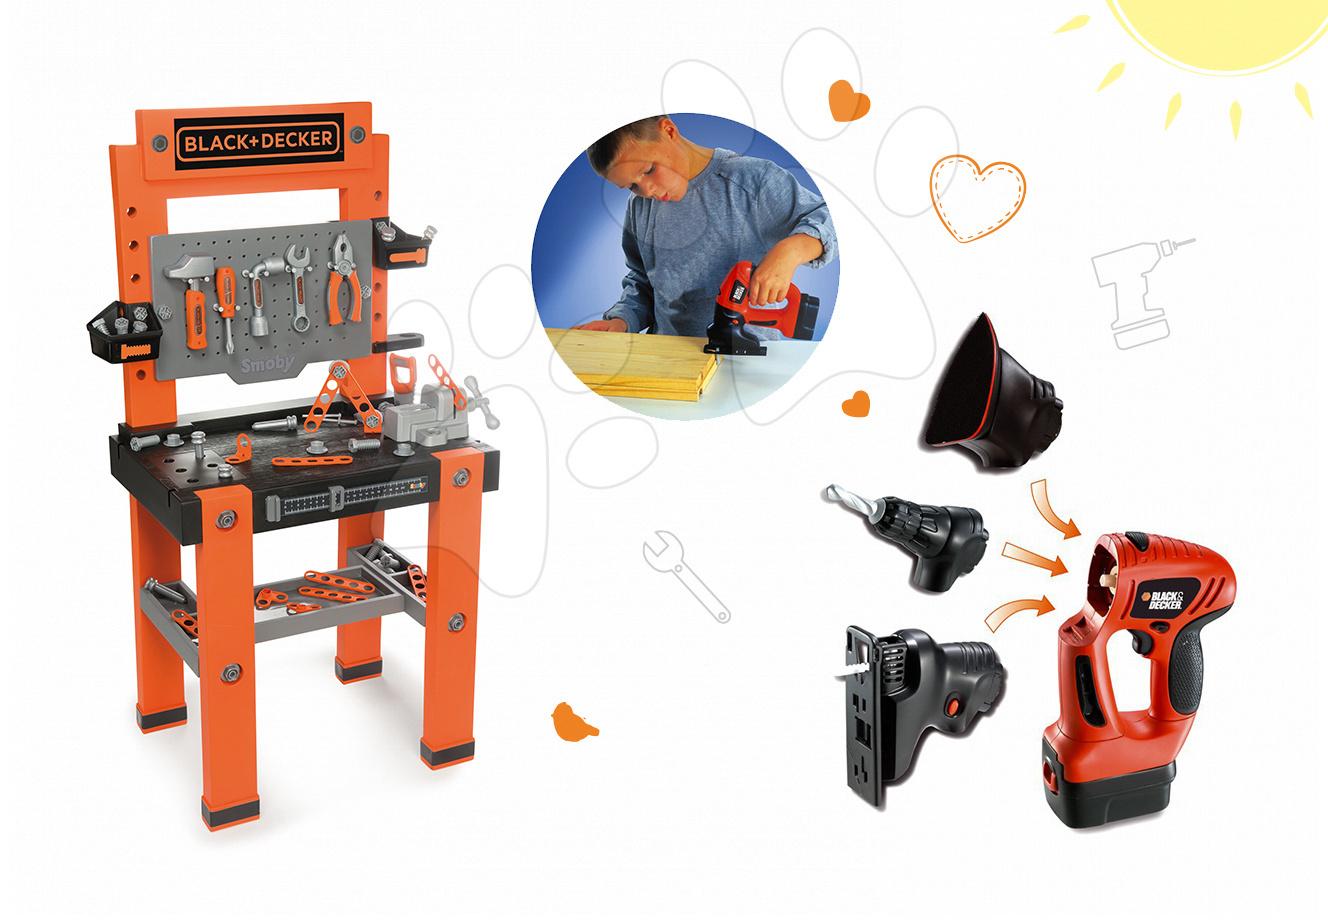 Smoby pracovná dielňa pre deti Black+Decker a elektronický set Quatro 360700-2